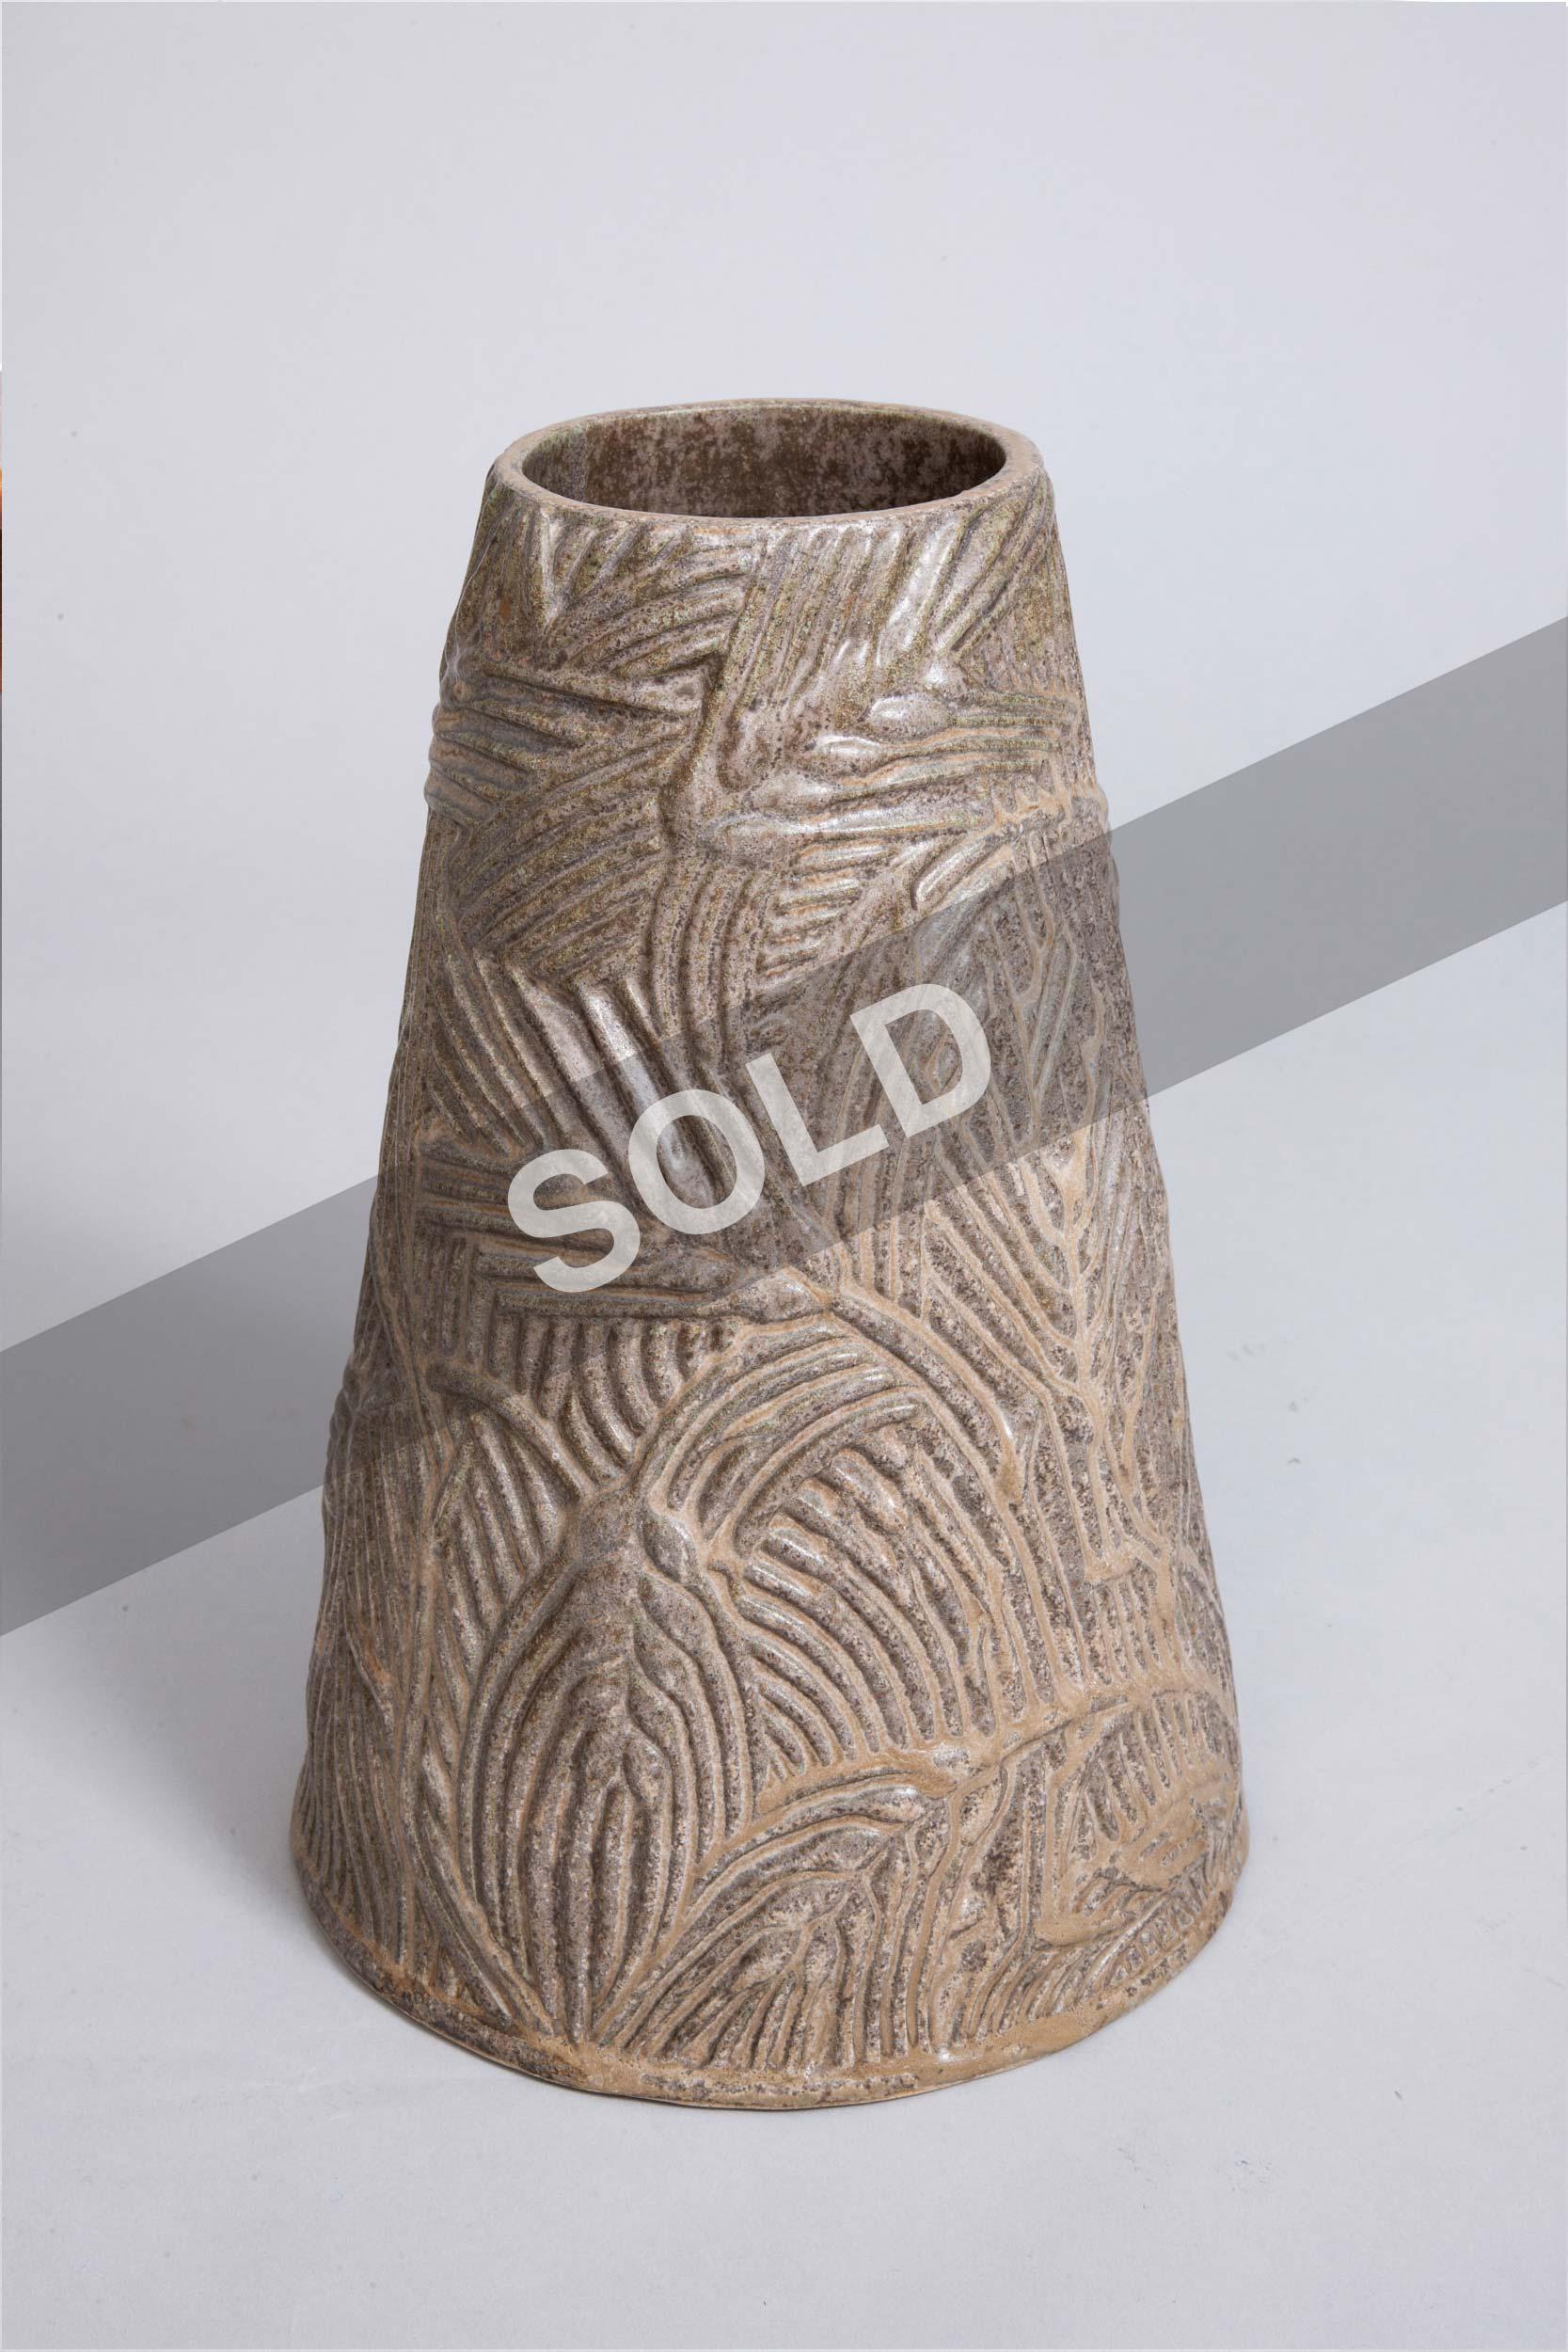 Axel Salto stoneware vase